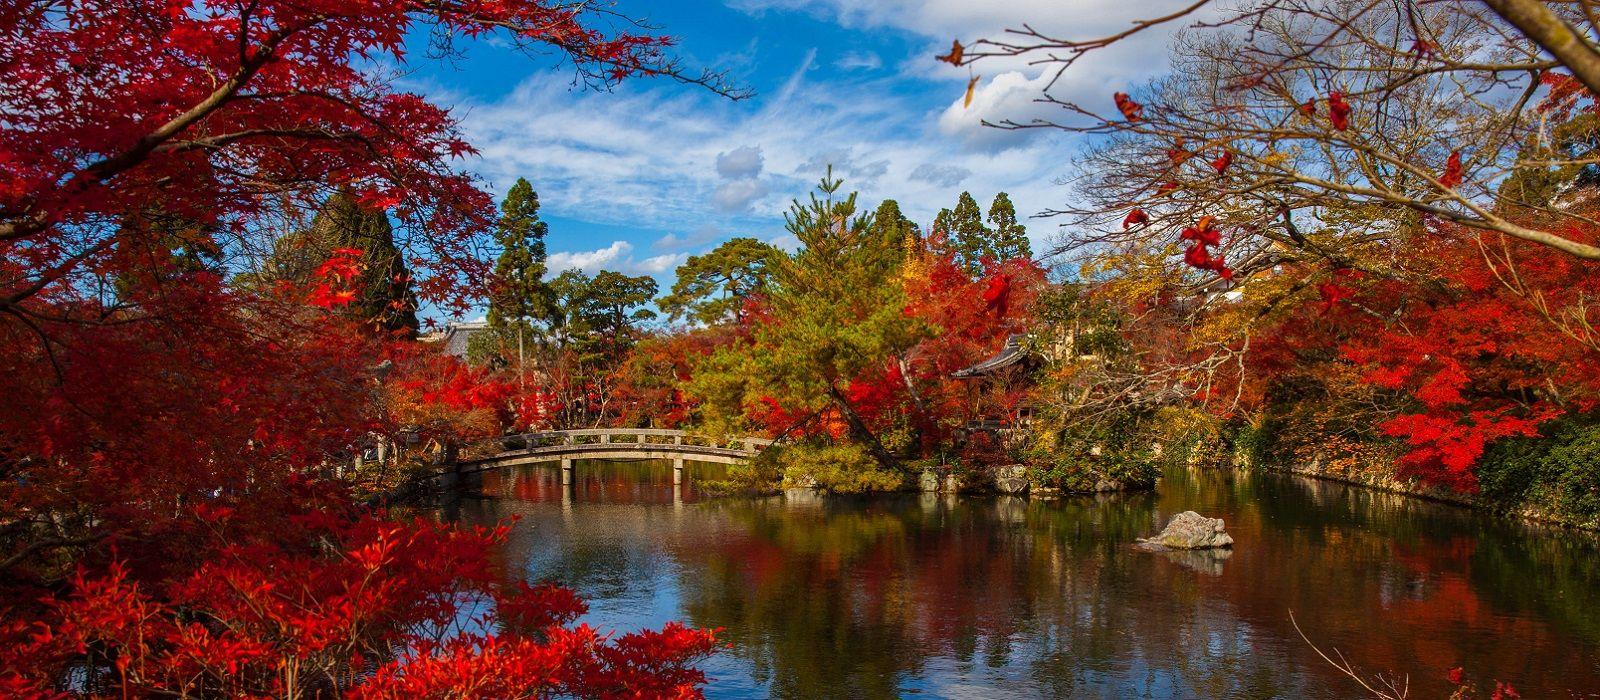 Historic Japan and Koh Samui Beach Escape Tour Trip 3